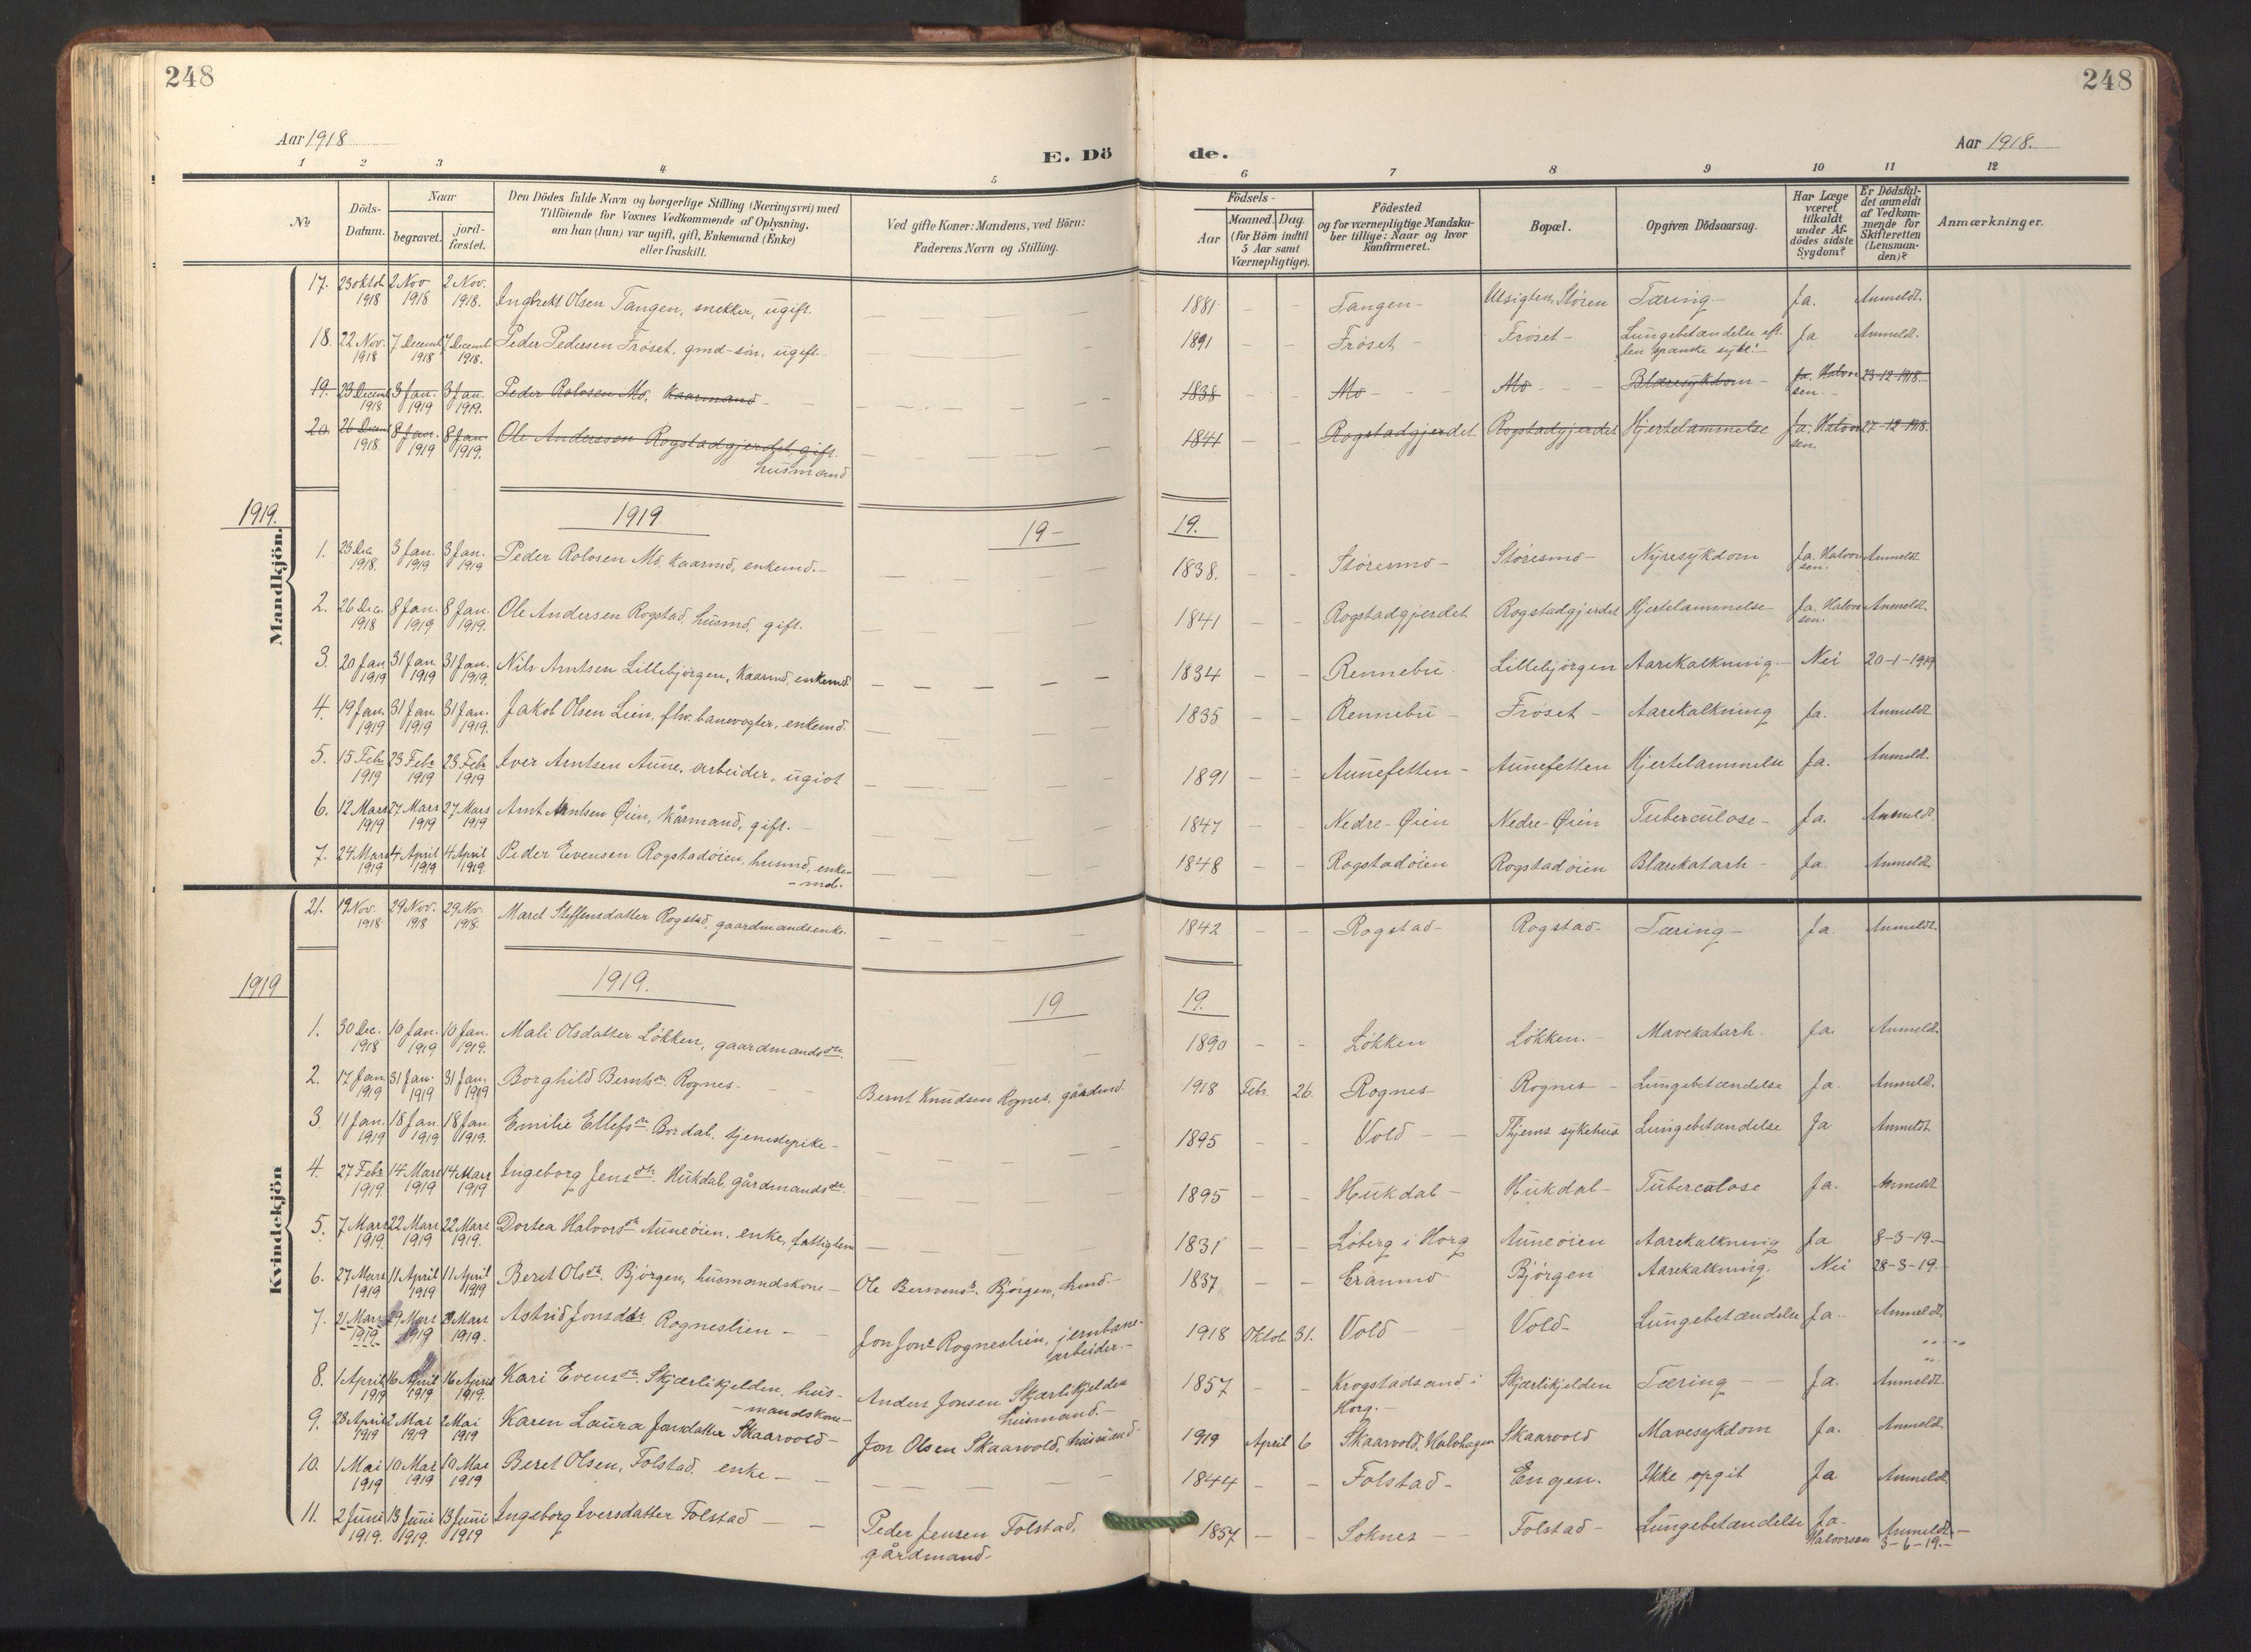 SAT, Ministerialprotokoller, klokkerbøker og fødselsregistre - Sør-Trøndelag, 687/L1019: Klokkerbok nr. 687C03, 1904-1931, s. 248